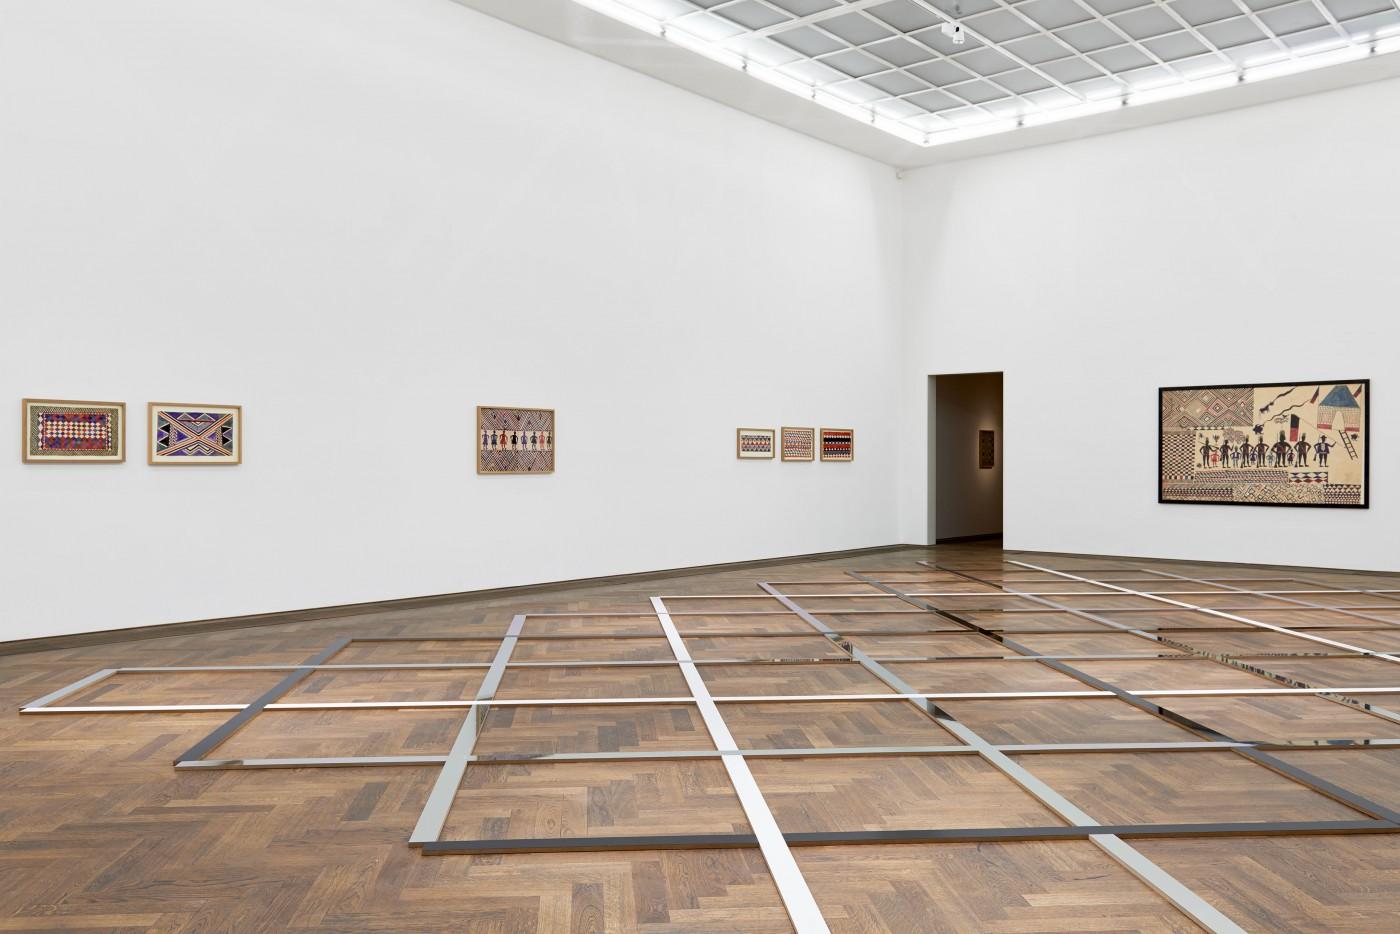 Die Installation am Boden nimmt die Boden- und Deckenstruktur wie auch die Muster in den Bildern von Thela Tendu auf.